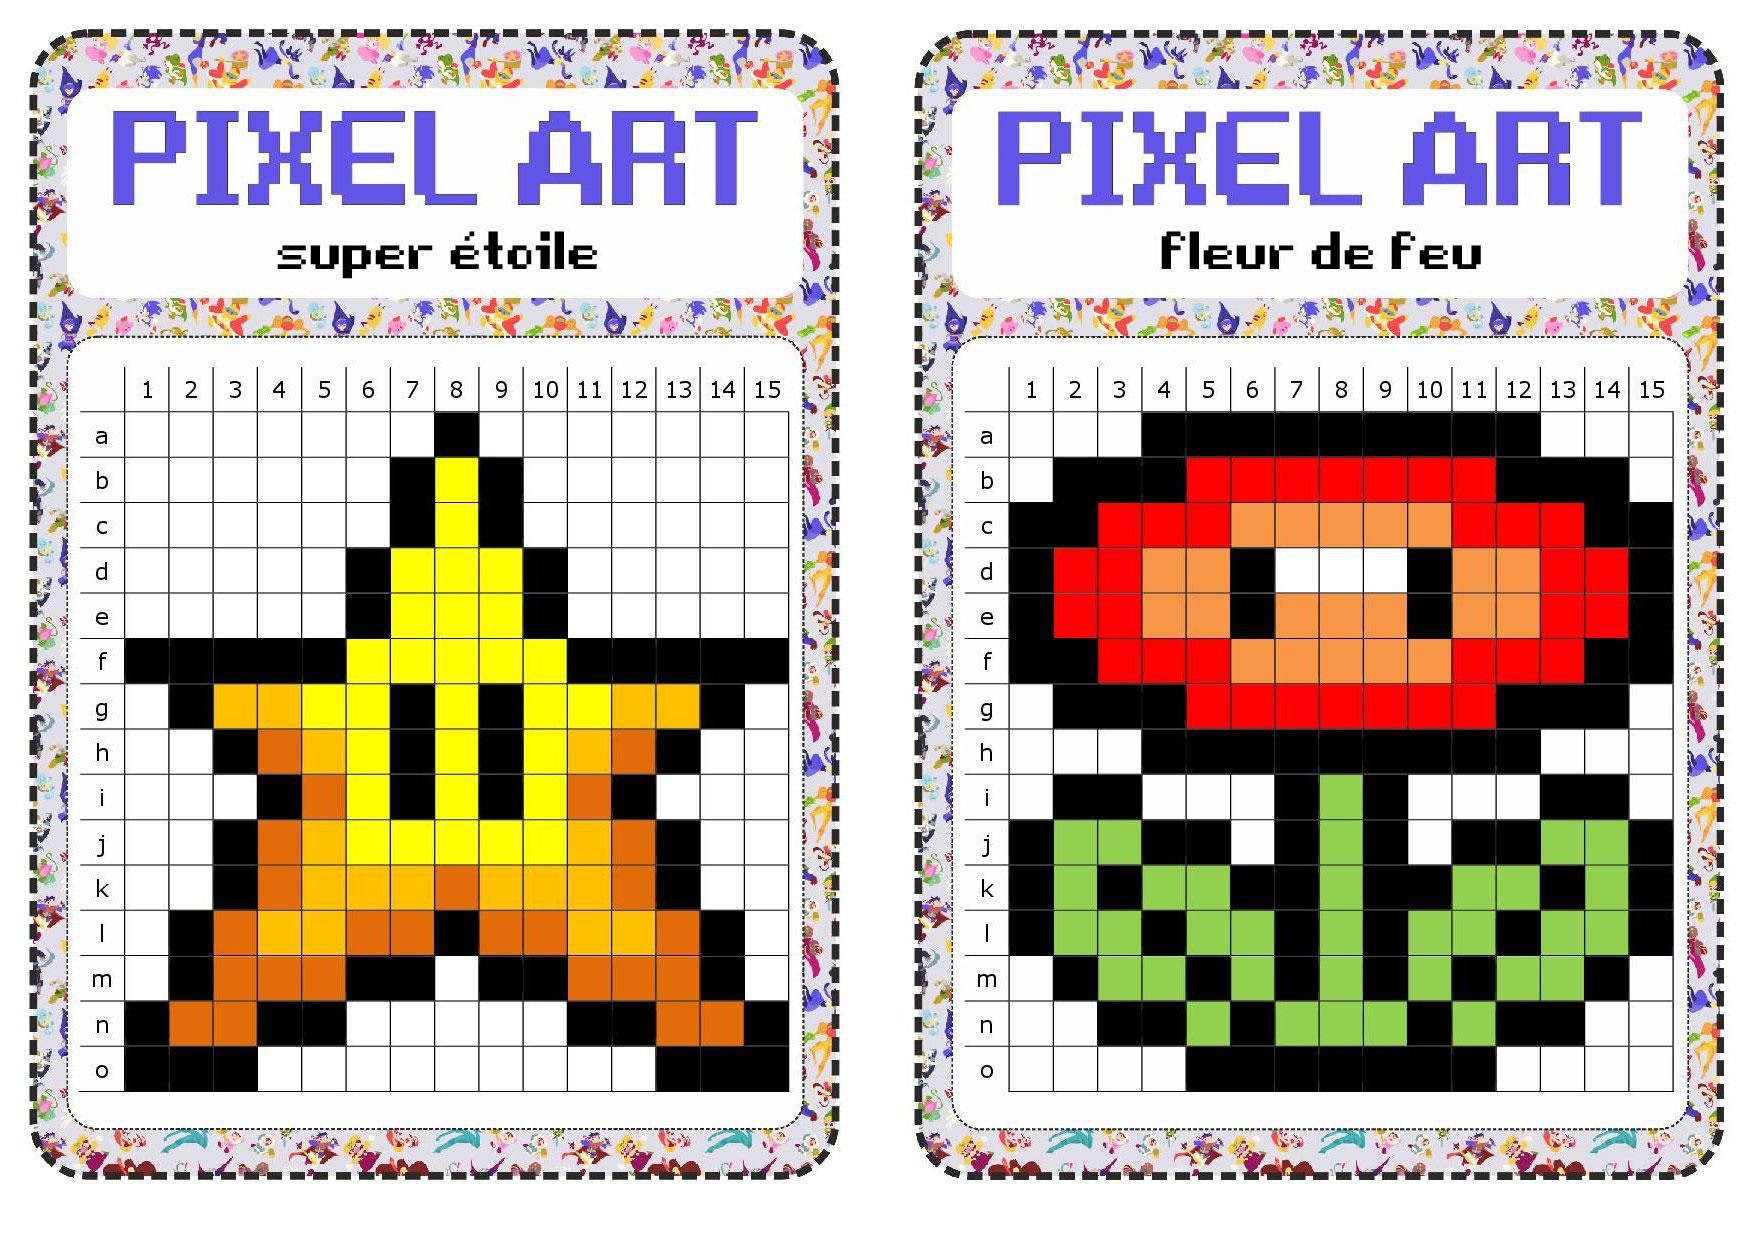 Atelier Libre : Pixel Art - Fiches De Préparations (Cycle1 à Reproduire Un Dessin Sur Quadrillage